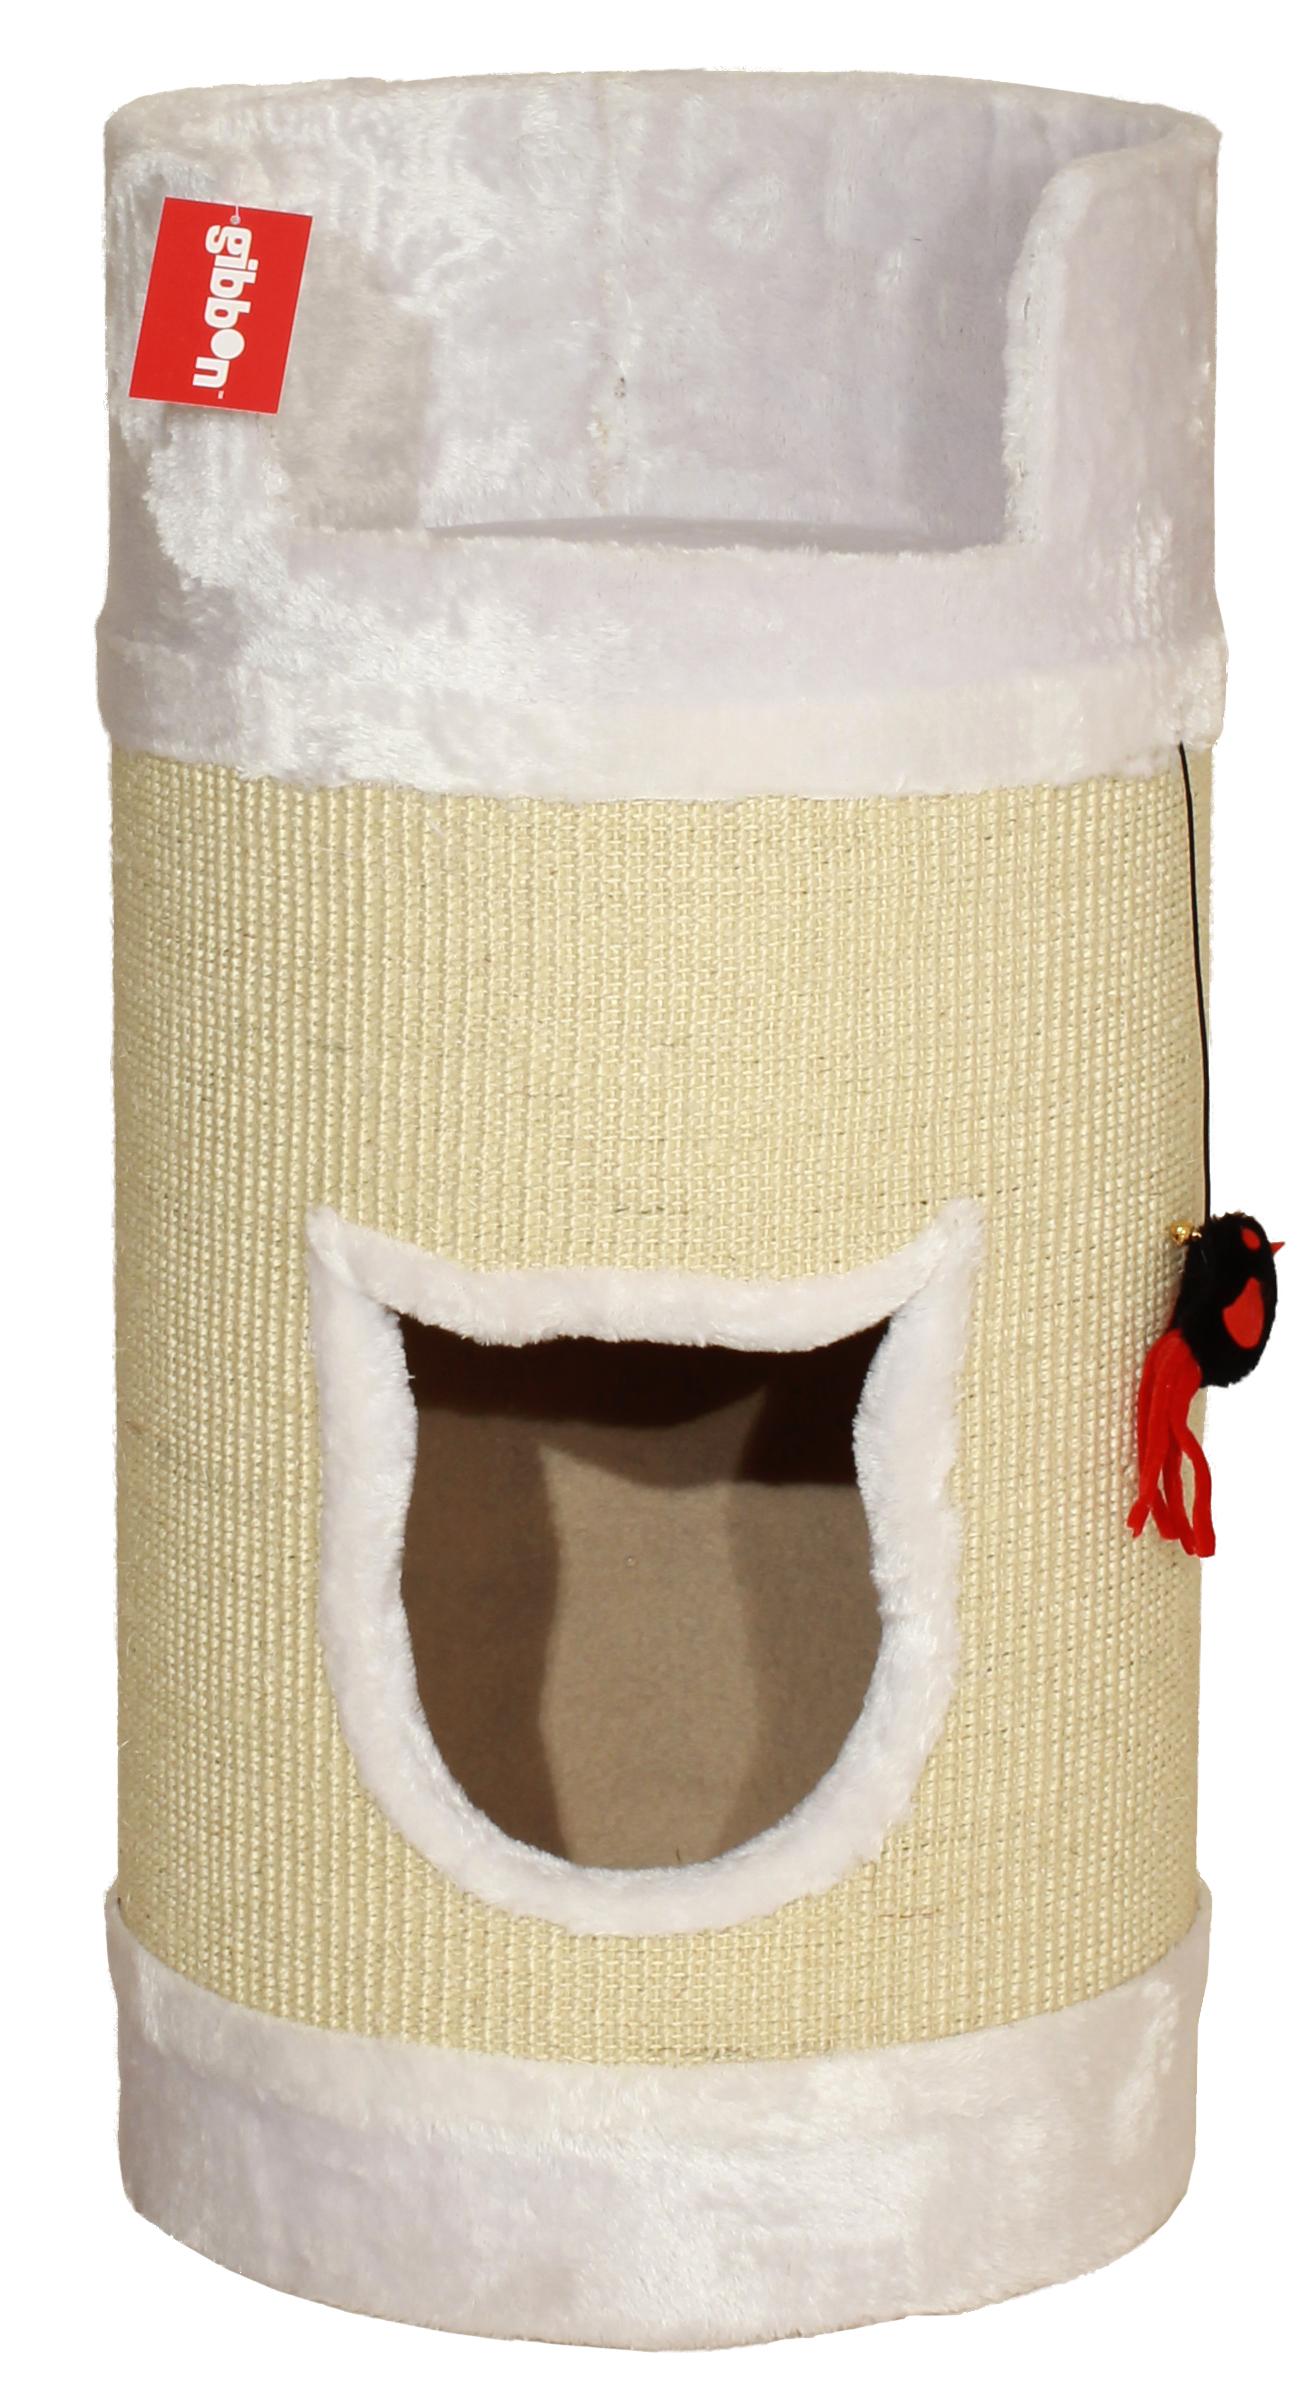 klösmöbel tunna ~ klösmöbel tunna vit  klösmöbler  klösartiklar  katt